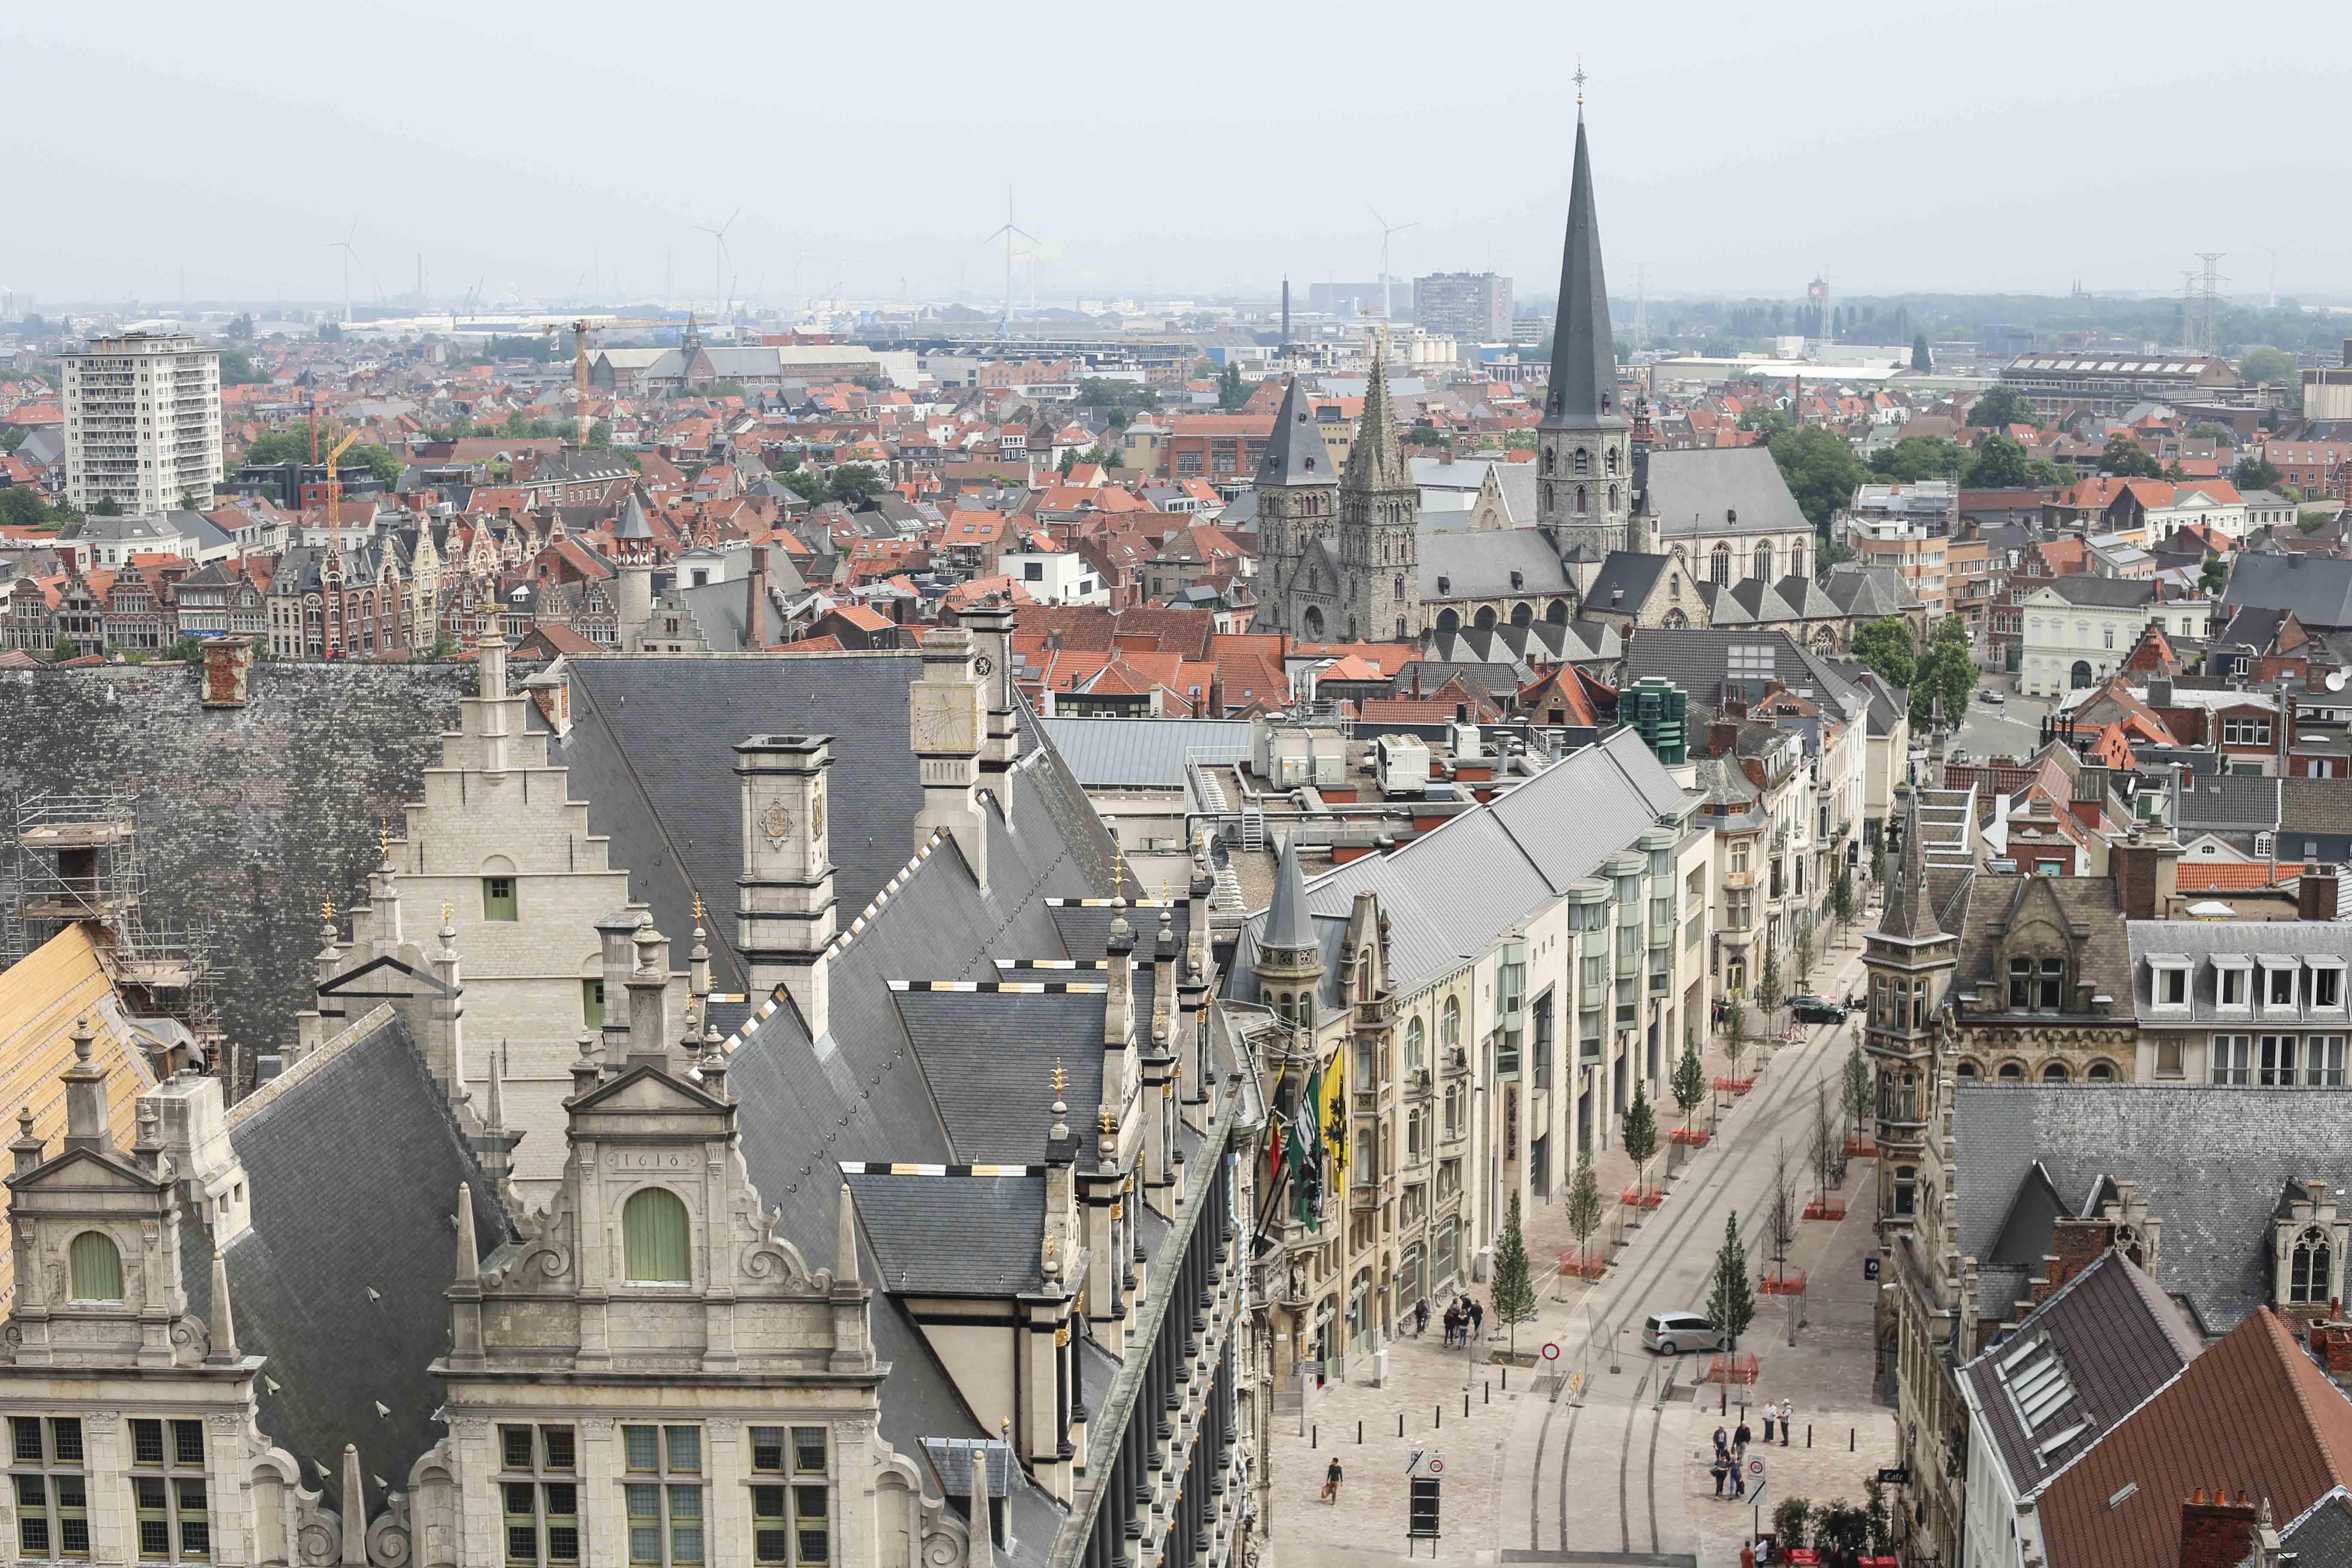 Gent-Kurztrip-Empfehlung-Sehenswürdigkeiten-Kanäle-Reiseblog-Belgien-Flandern